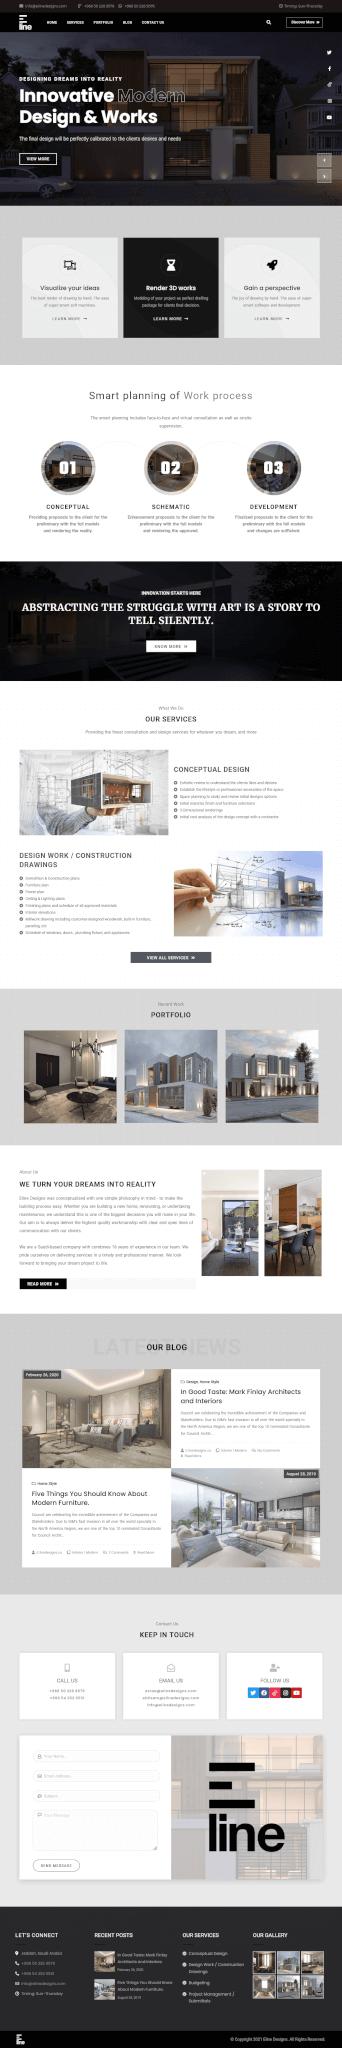 E-Line-Designs-Home Page